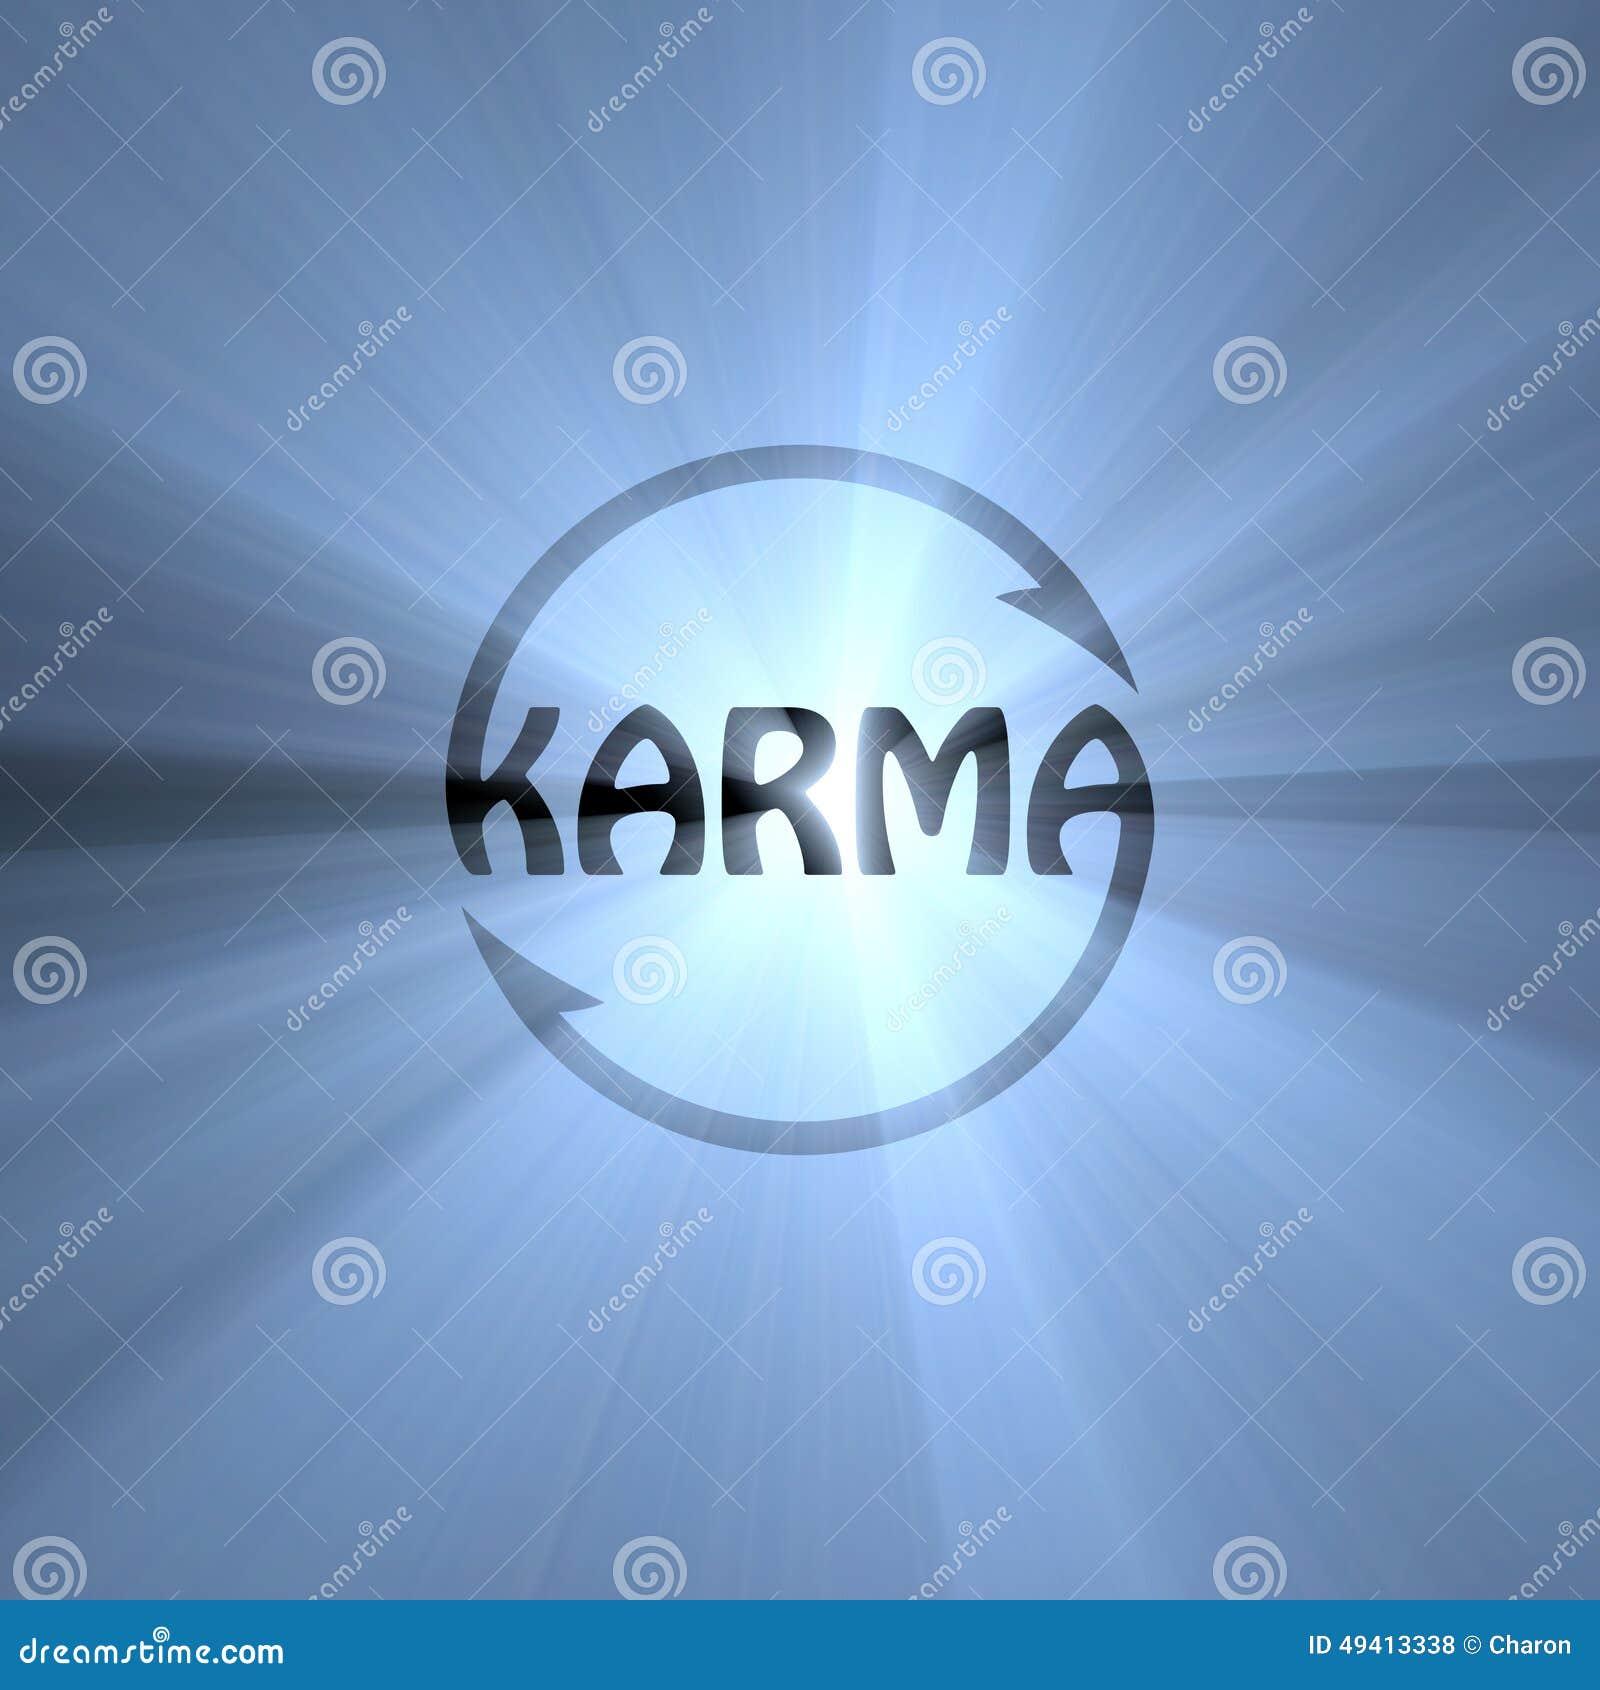 Download Karmabuchstabe Buddhismuszeichen-Lichtaufflackern Stock Abbildung - Illustration von charme, lichtstrahl: 49413338